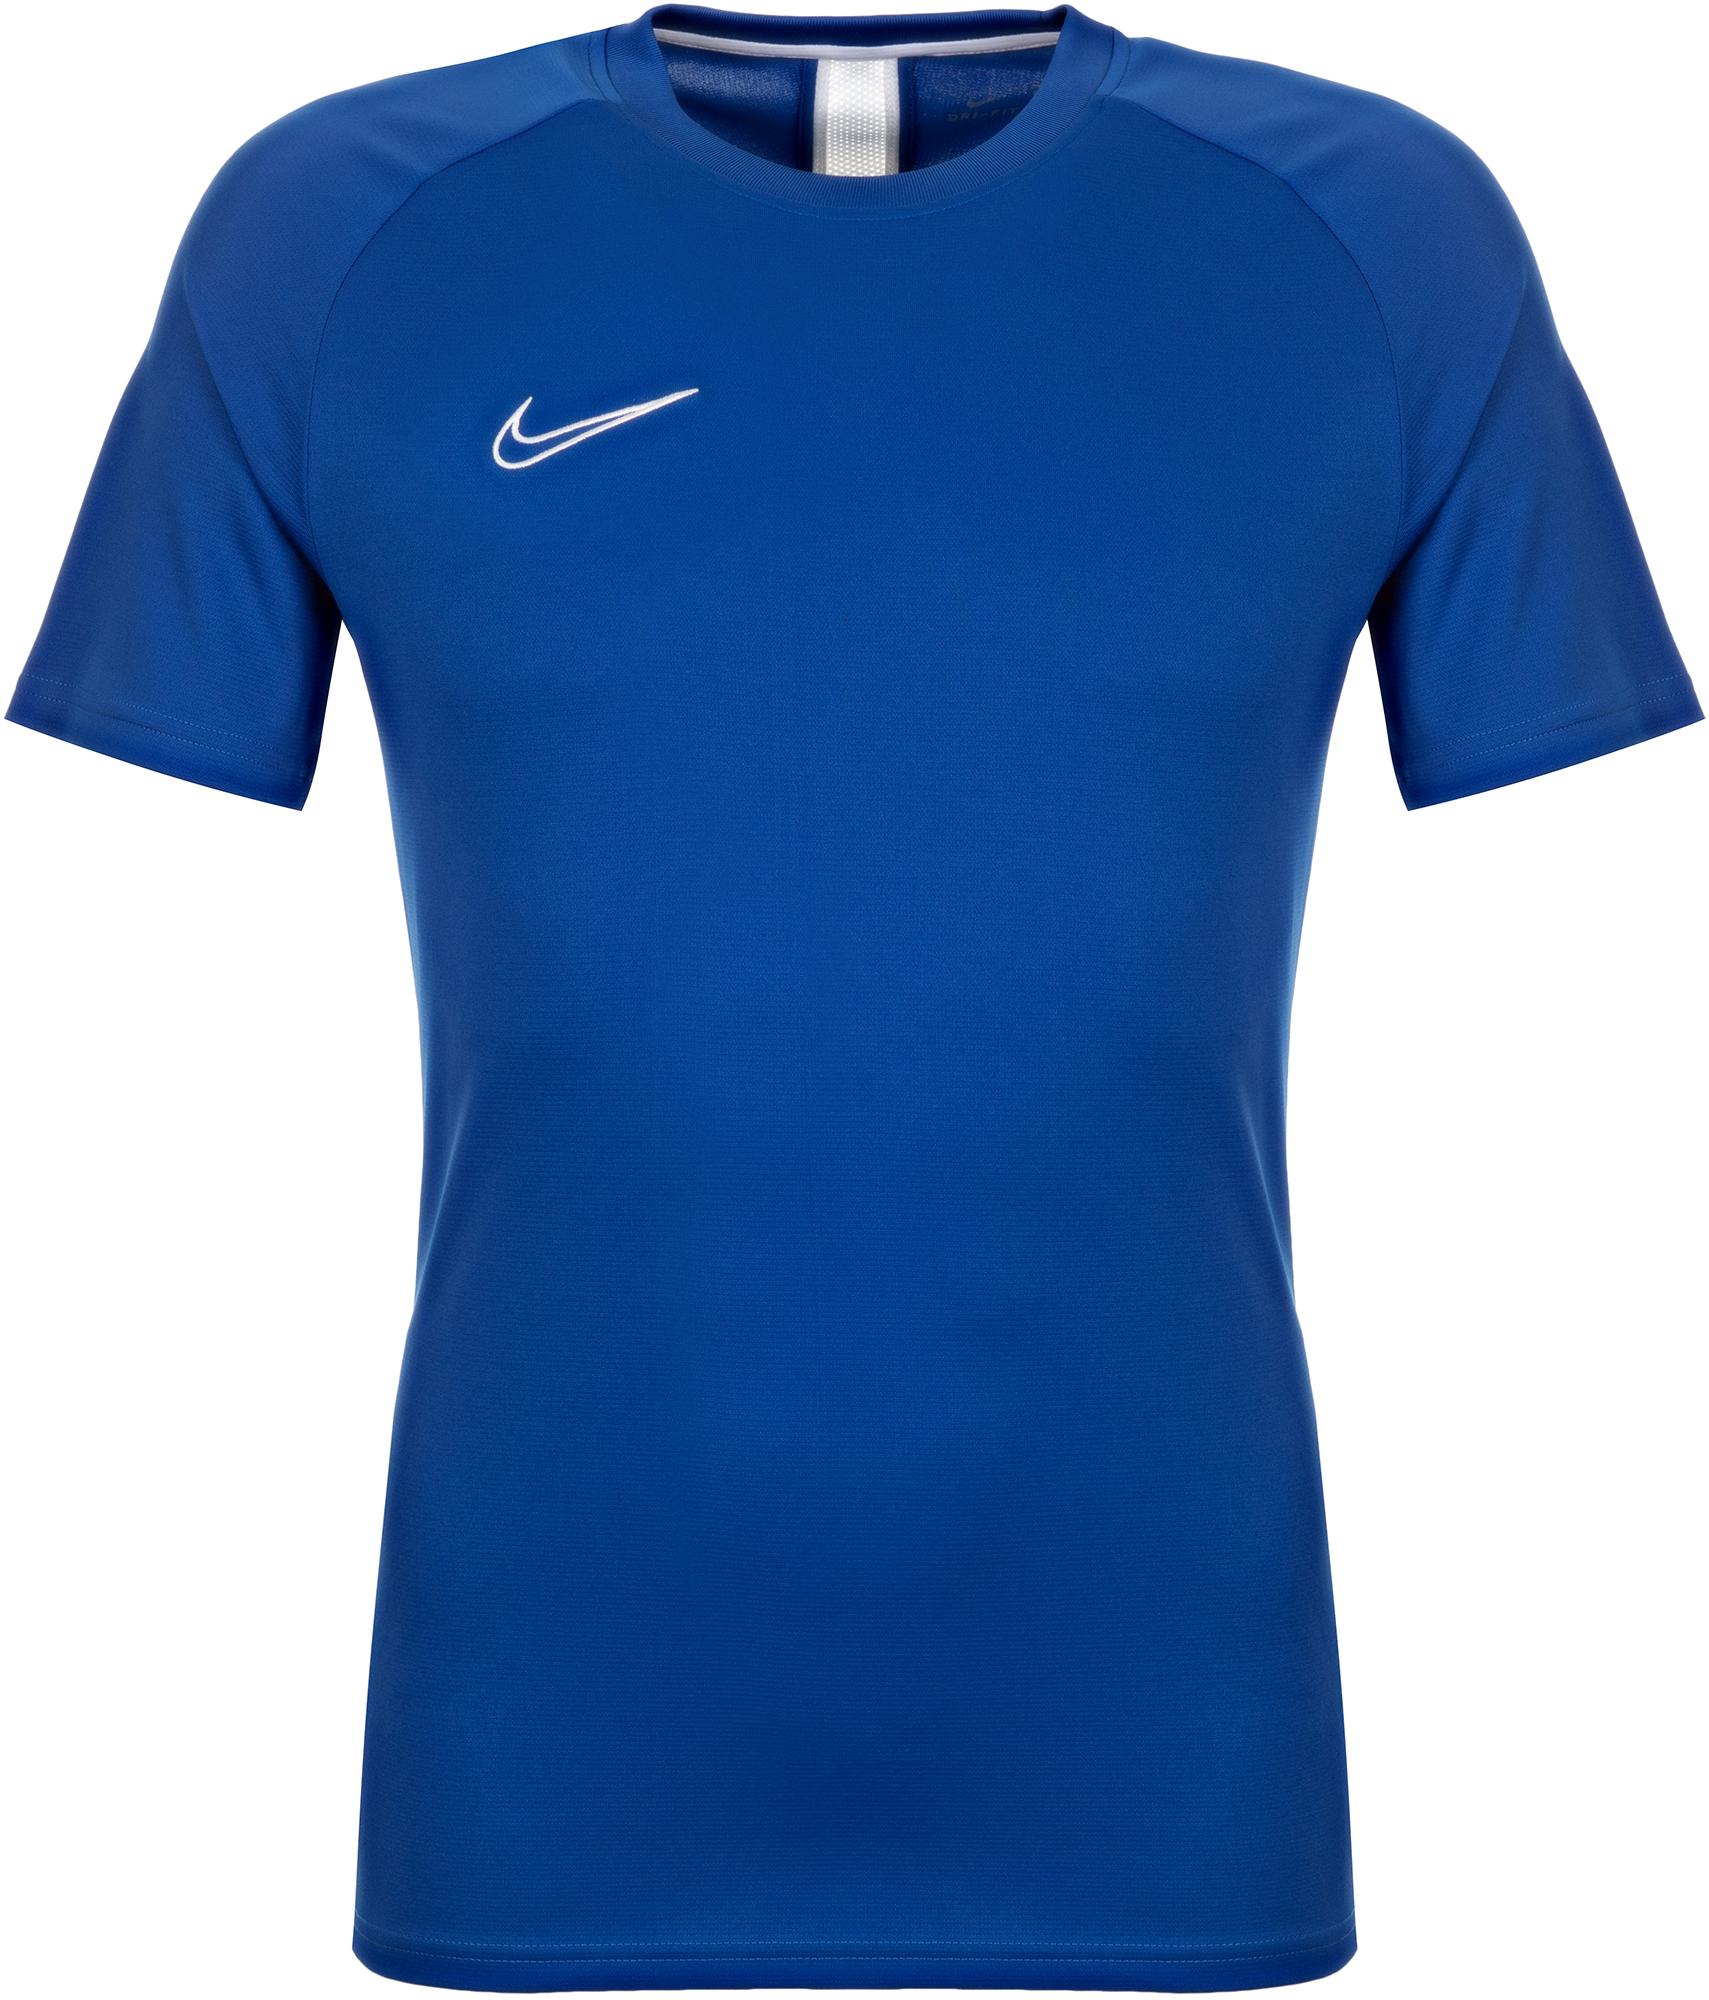 Nike Футболка мужская Nike Academy, размер 52-54 все цены